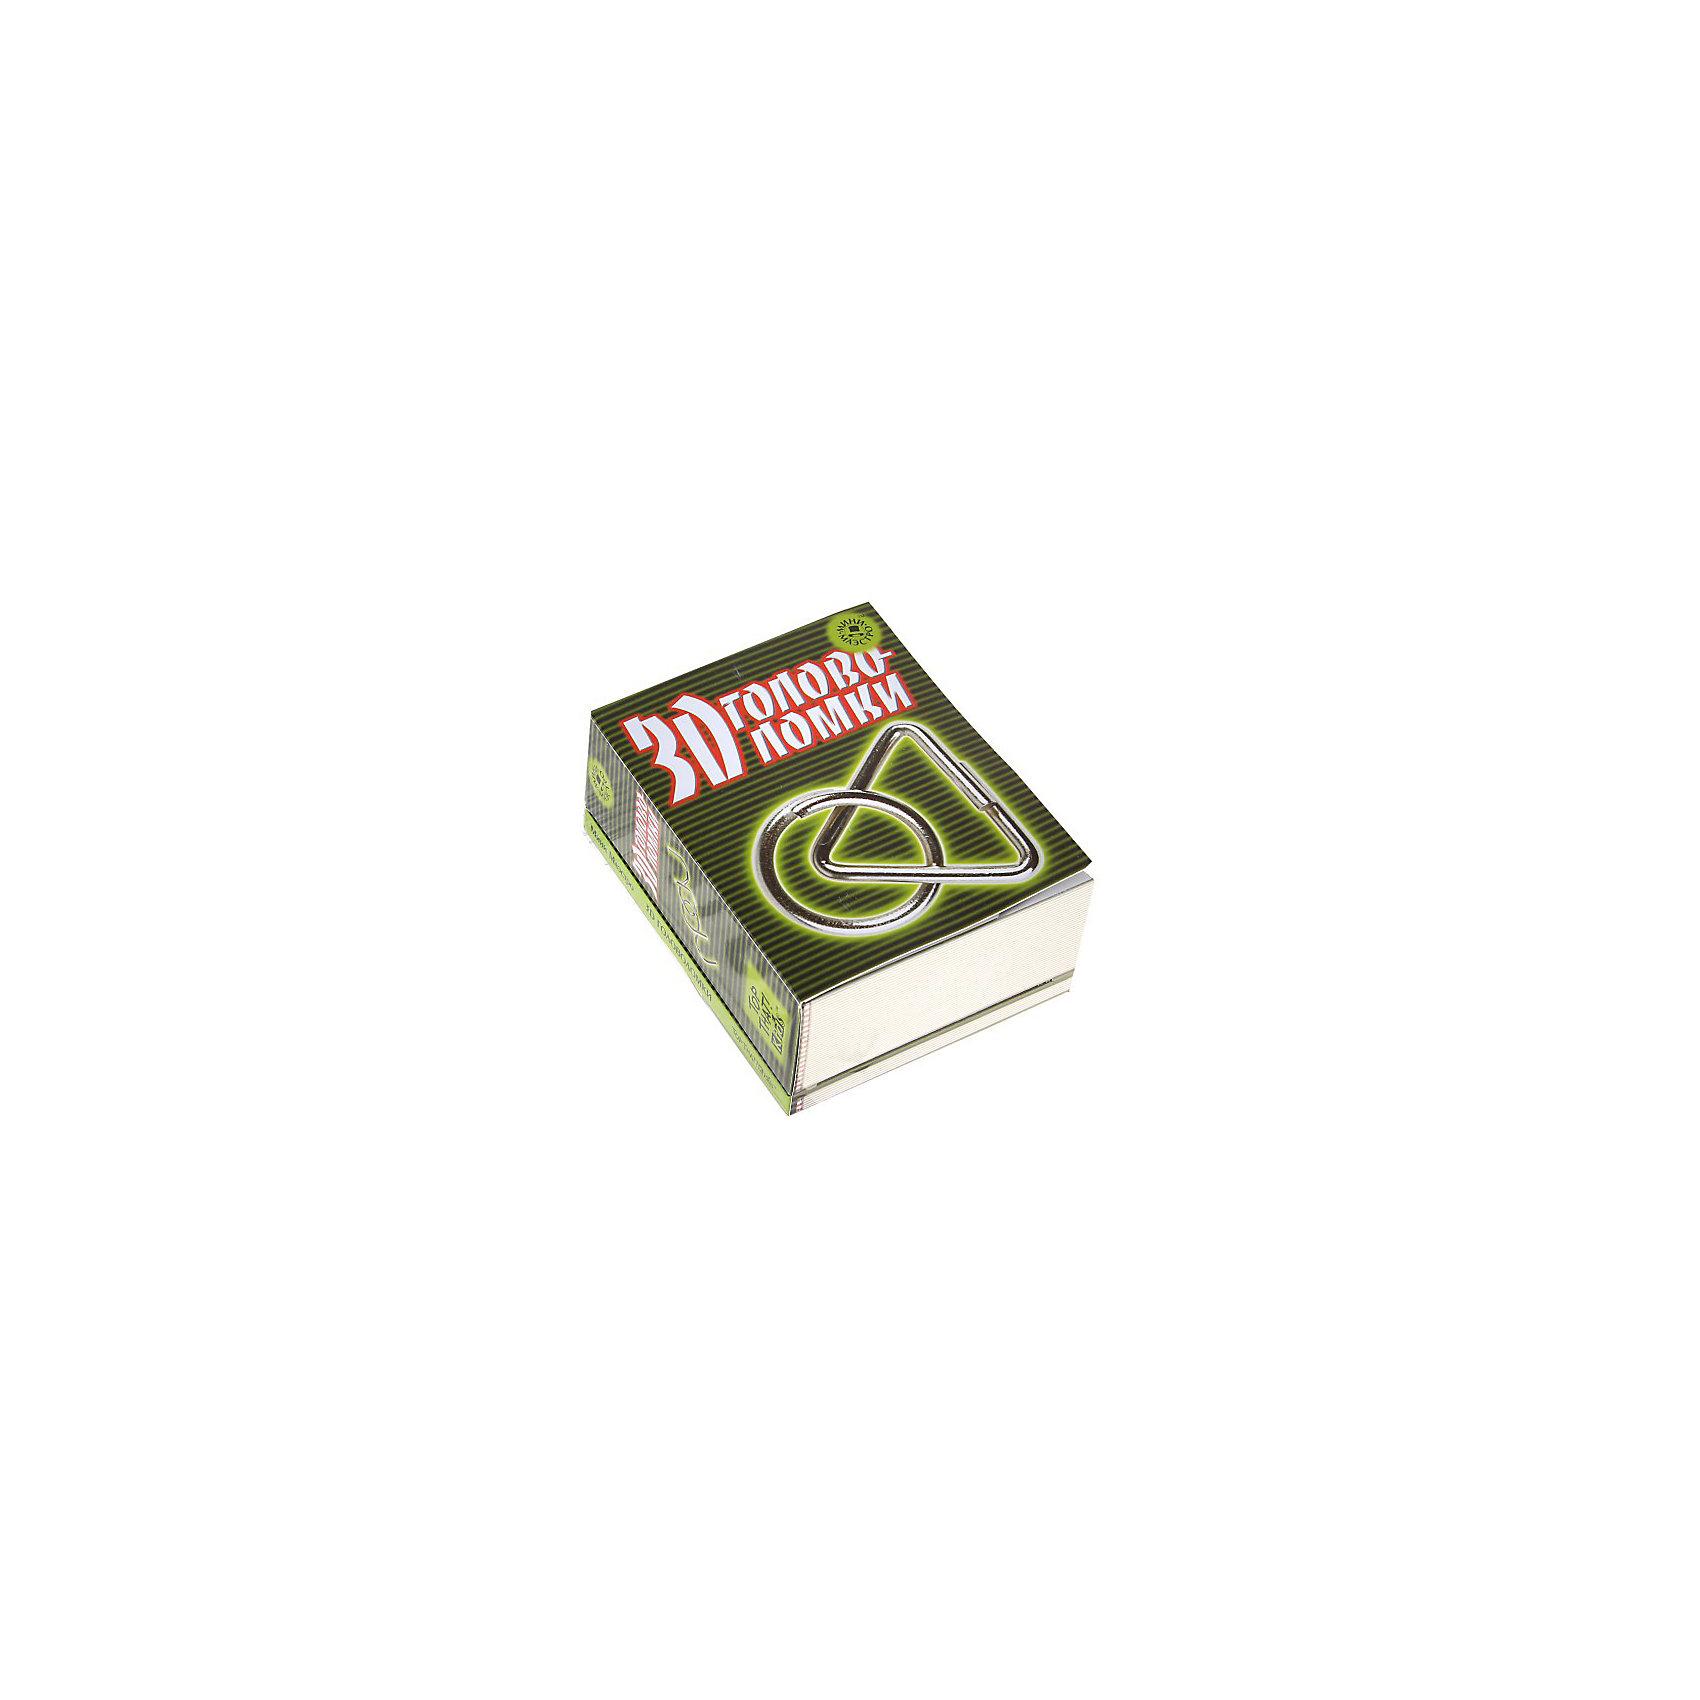 Набор 3D головоломкиМини-маэстро «3D головоломки»<br>В этом наборе есть 9 металлических пространственных головоломок, разгадать которые непросто даже взрослому. Но если ты сразу не справишься, то в книге найдешь подсказки!<br>Дополнительная информация:<br>В набор входит:<br>- Книга с инструкциями 48 стр., цв. илл.,<br>- 9 металлических головоломок.<br>Размер упаковки (д/ш/в): 95 х 52 х 120 мм<br>Помни! На любой предмет можно смотреть под разным углом зрения!<br><br>Ширина мм: 95<br>Глубина мм: 52<br>Высота мм: 120<br>Вес г: 300<br>Возраст от месяцев: 72<br>Возраст до месяцев: 144<br>Пол: Унисекс<br>Возраст: Детский<br>SKU: 2358193